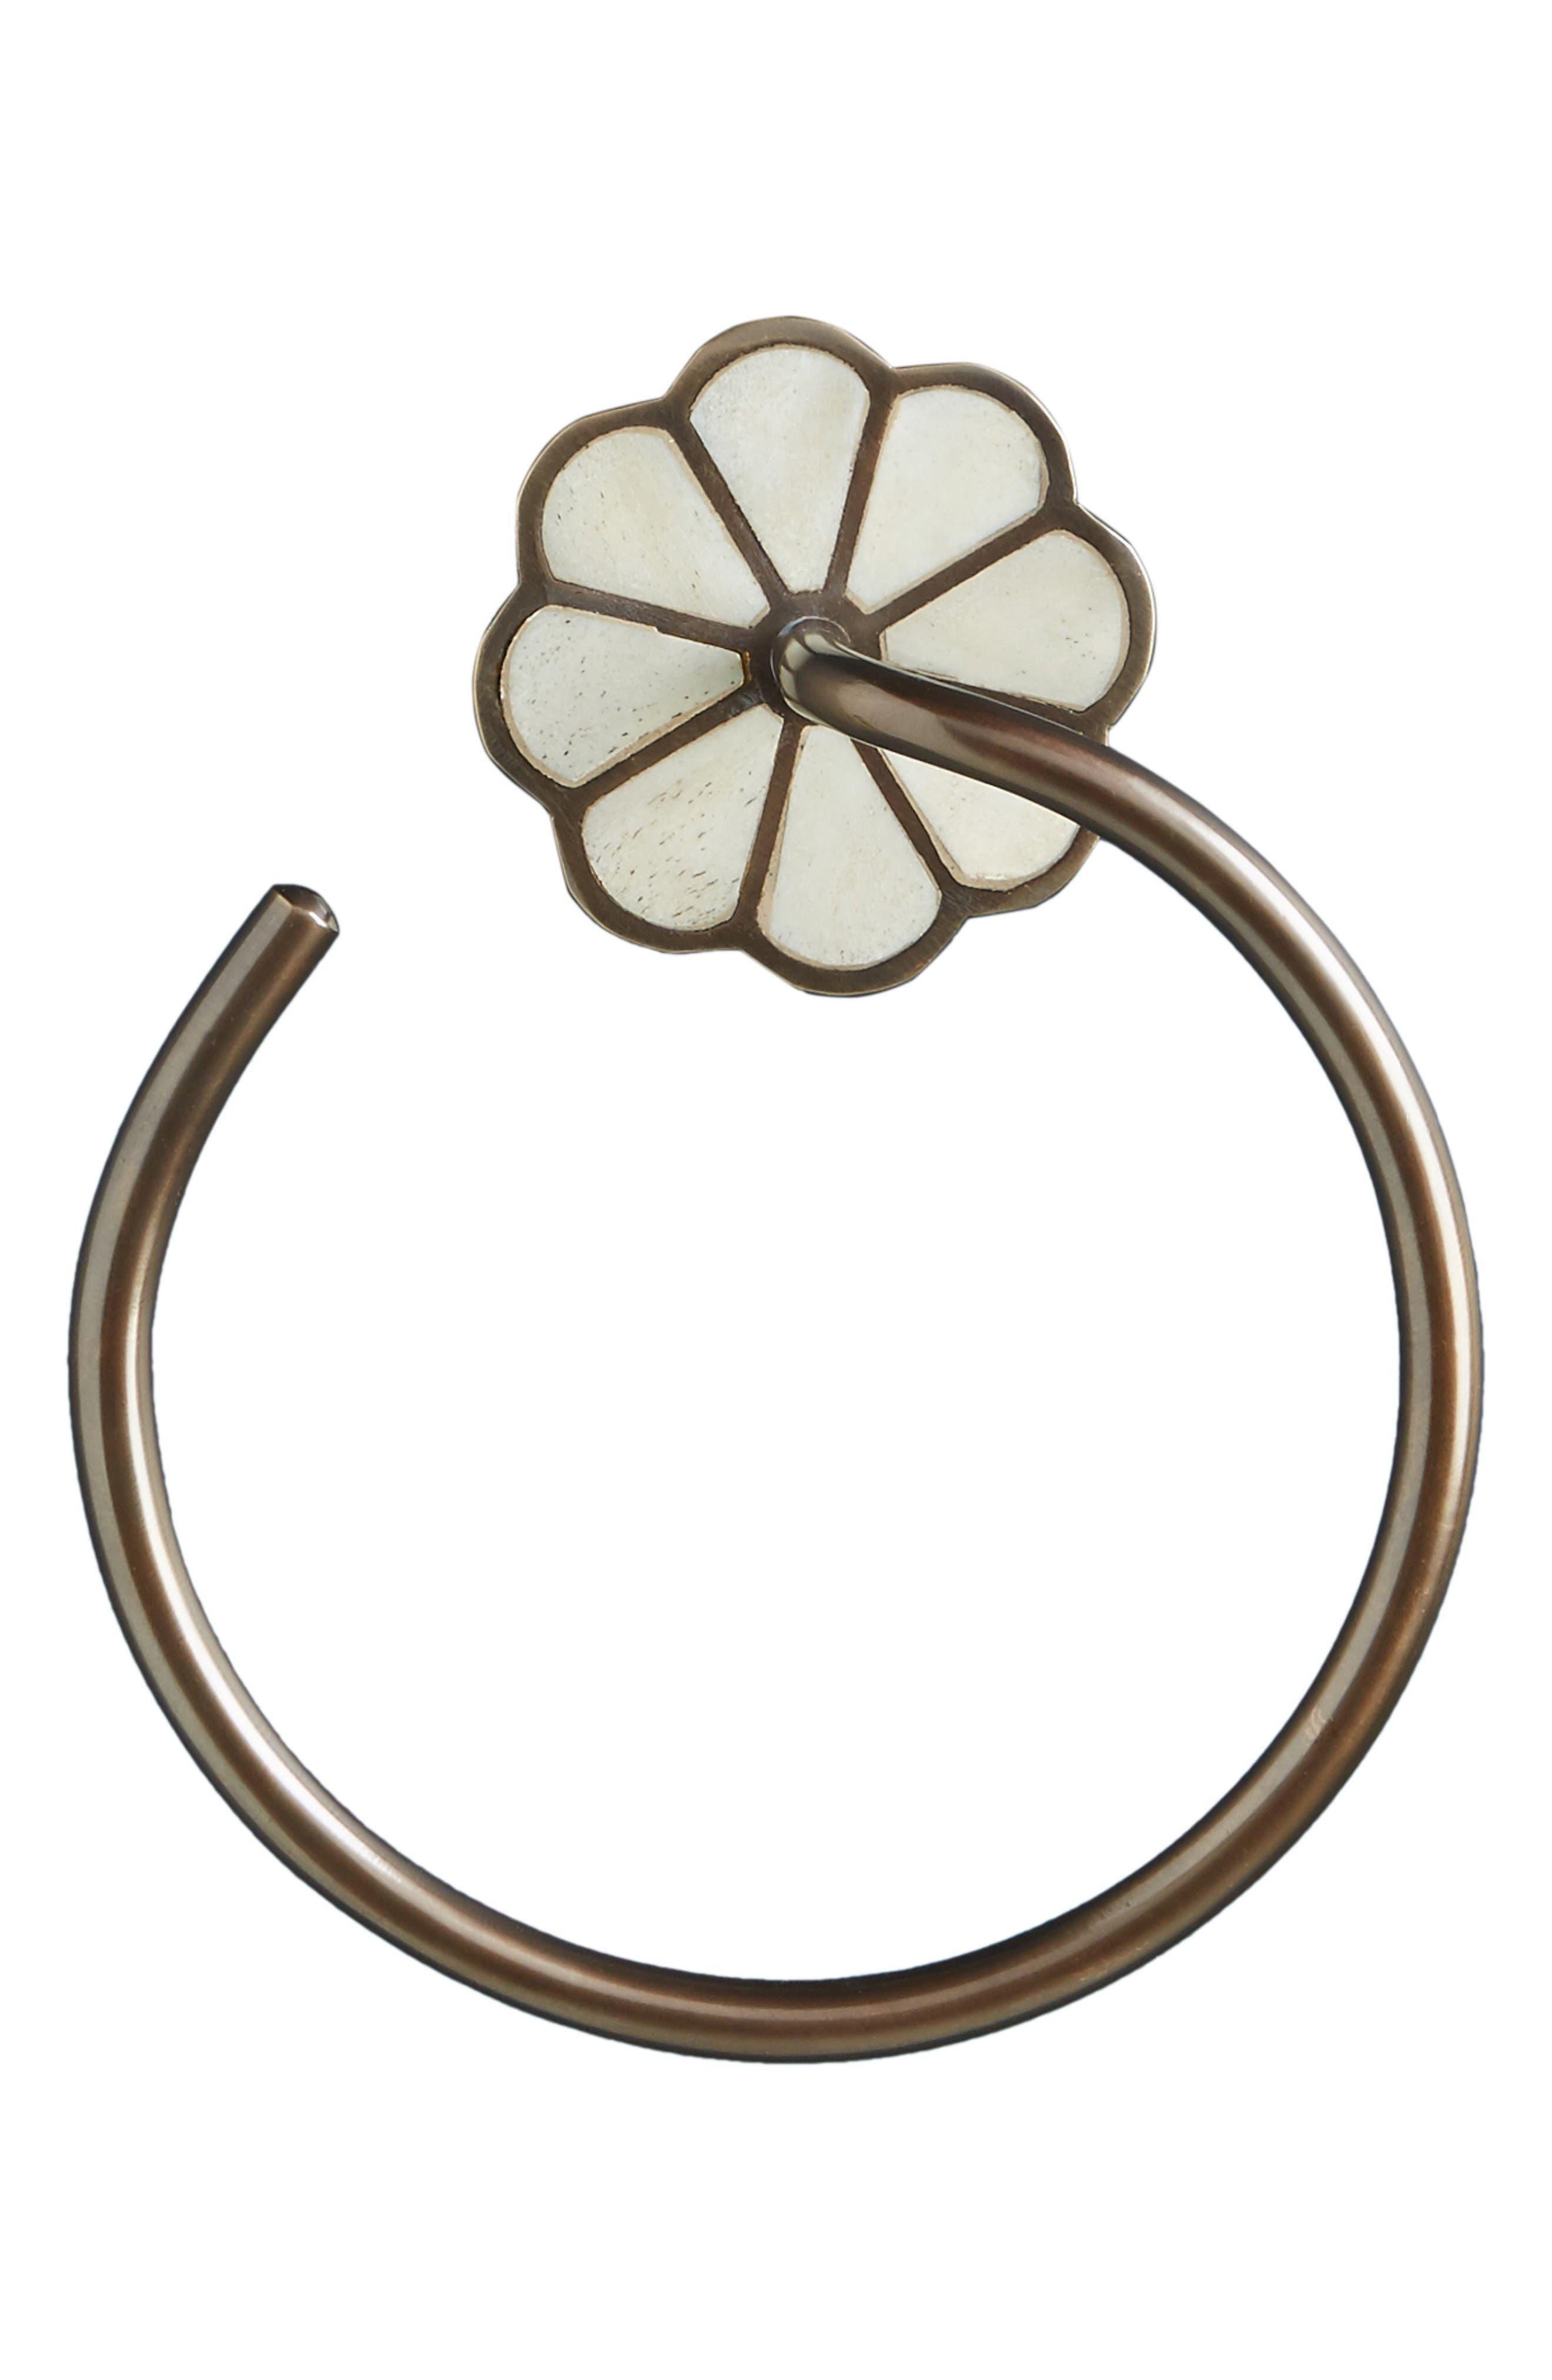 ANTHROPOLOGIE,                             Botanist Towel Ring,                             Alternate thumbnail 4, color,                             WHITE/ OIL RUBBED BRONZE